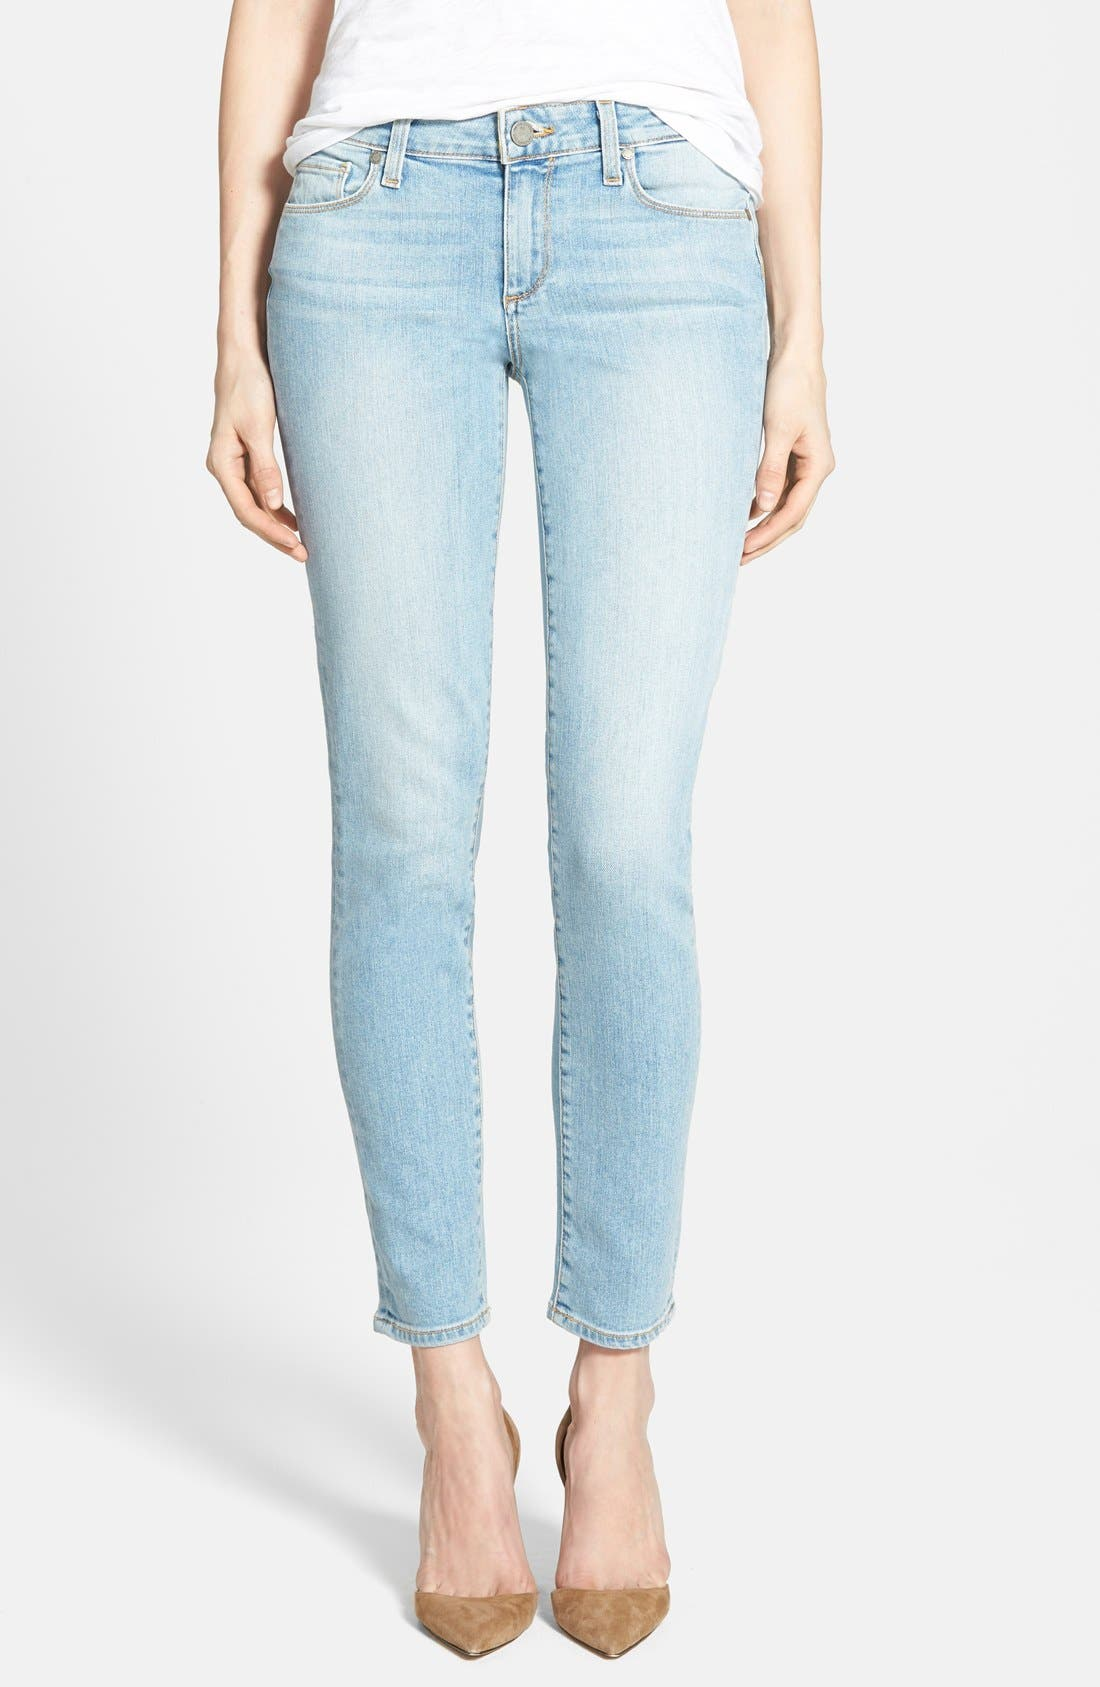 Main Image - Paige Denim 'Skyline' Ankle Peg Jeans (Loren Blue)